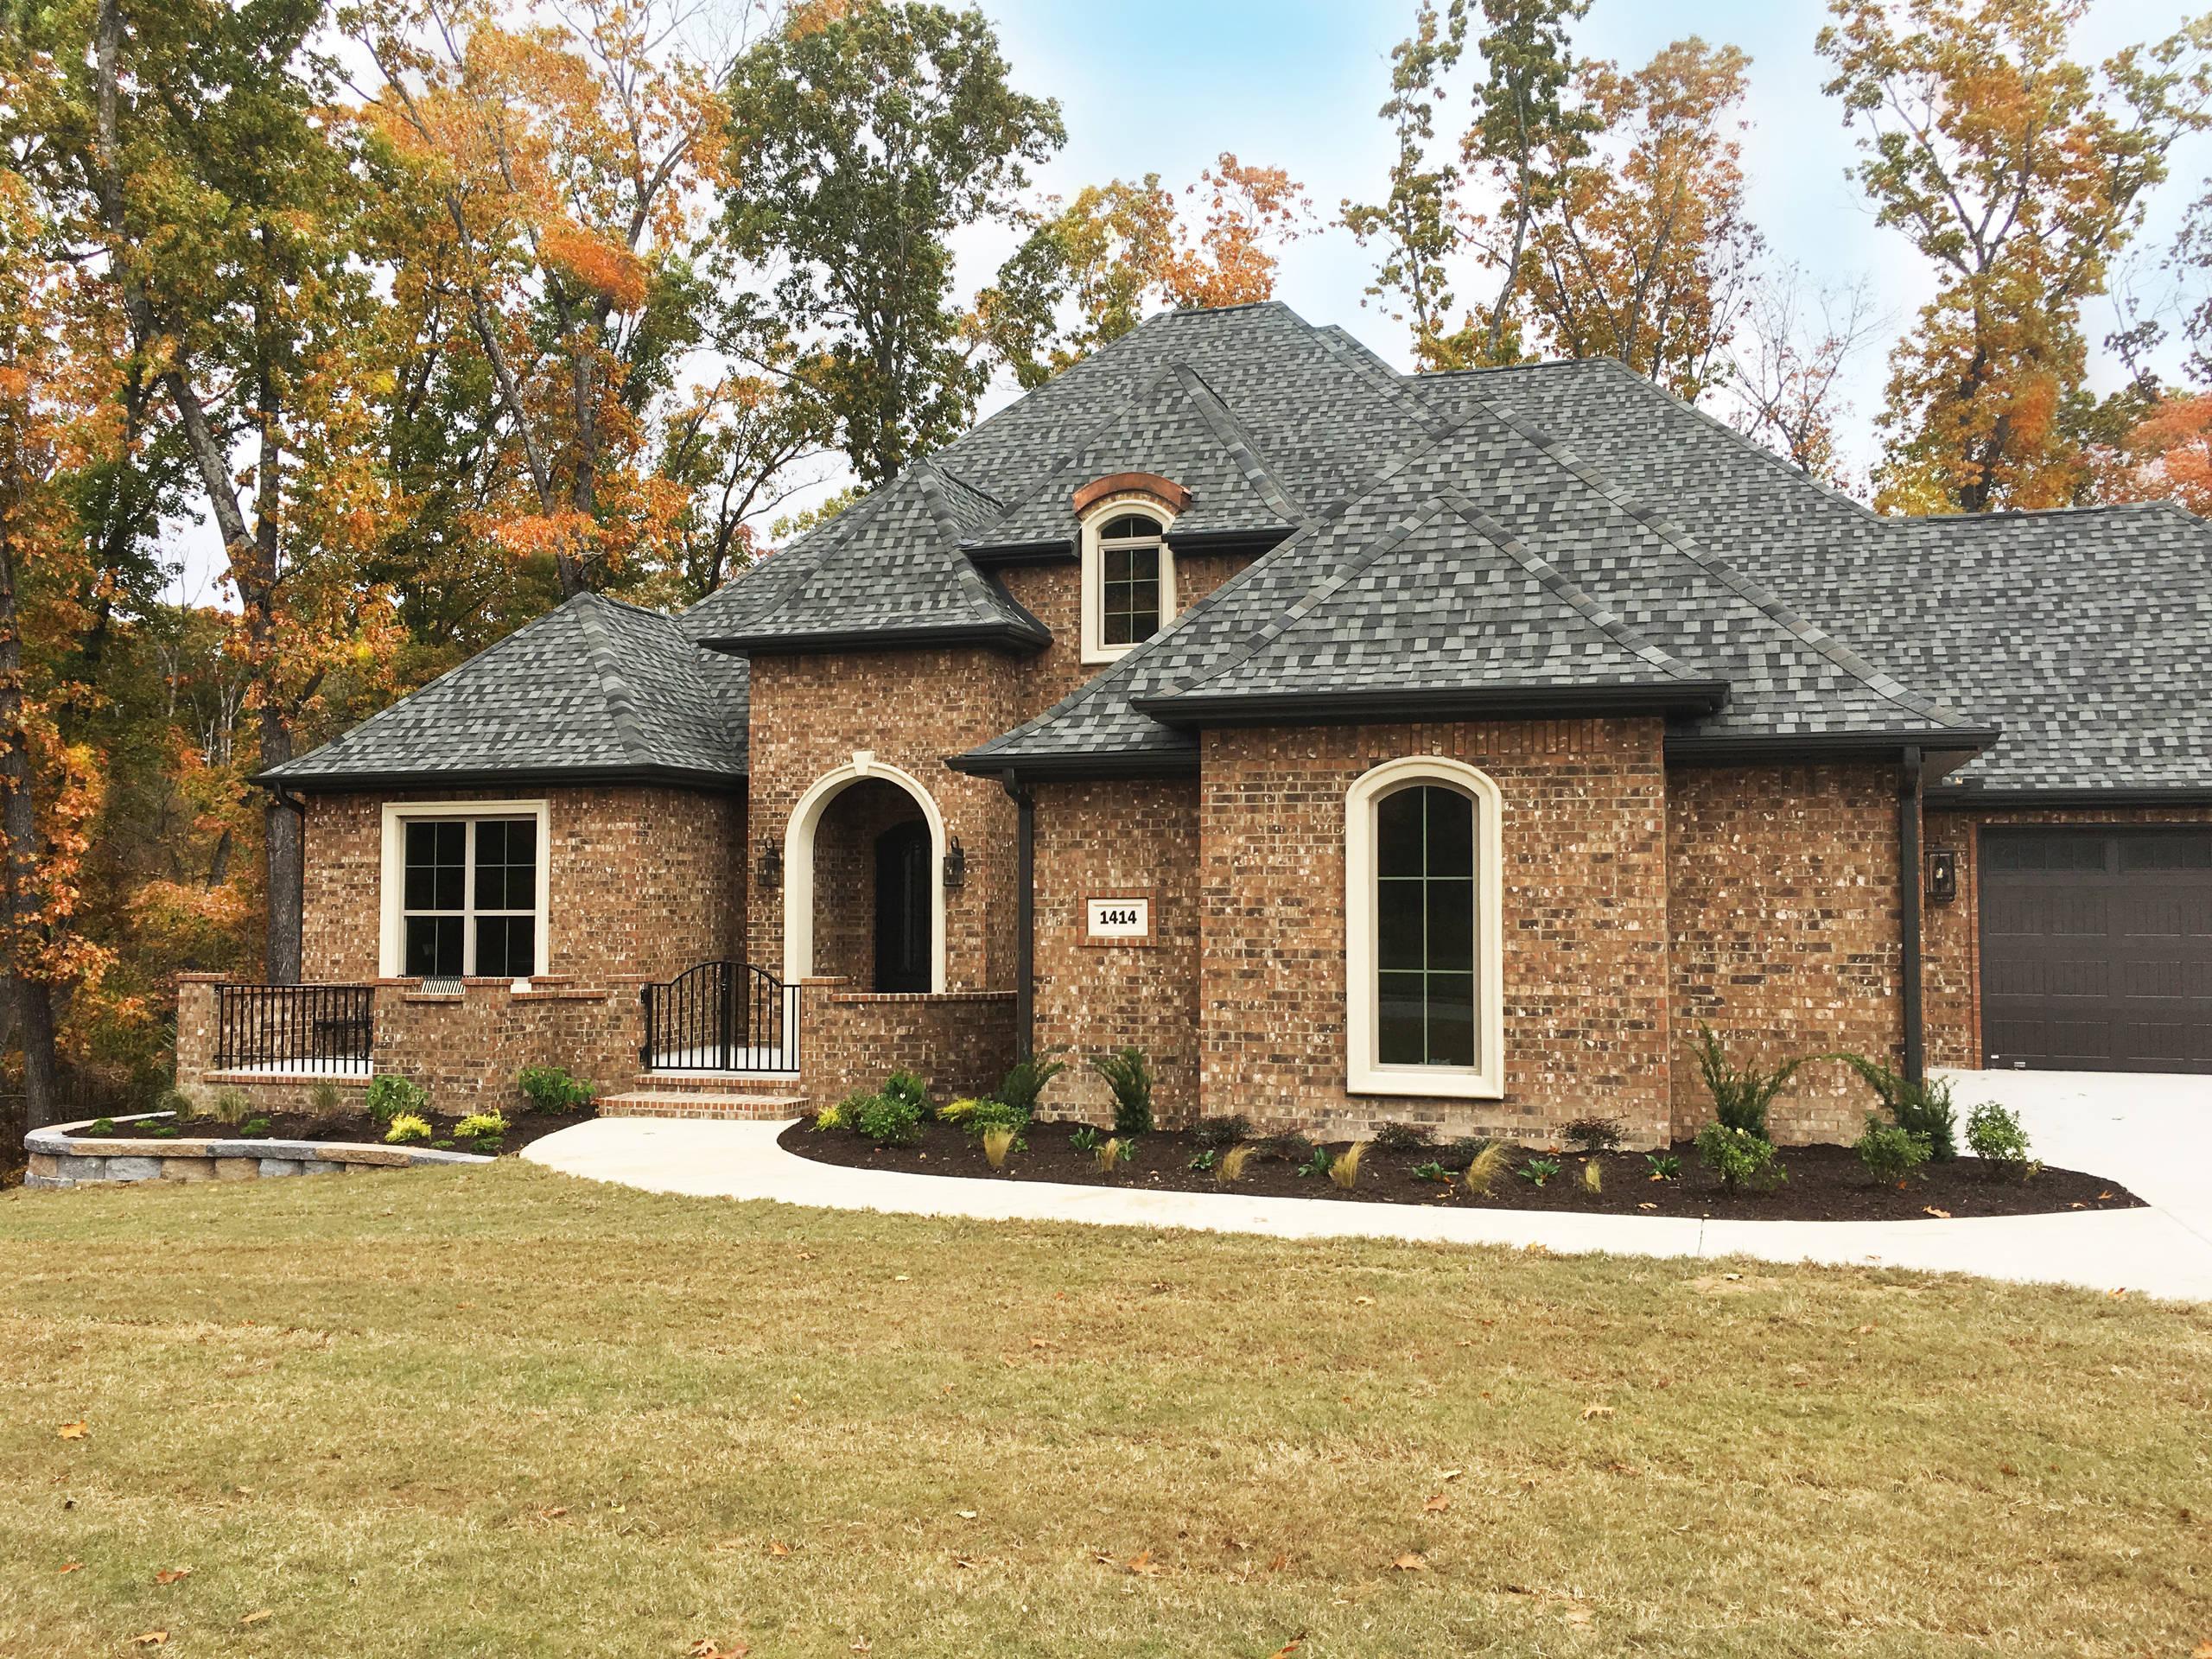 Centerton Residence